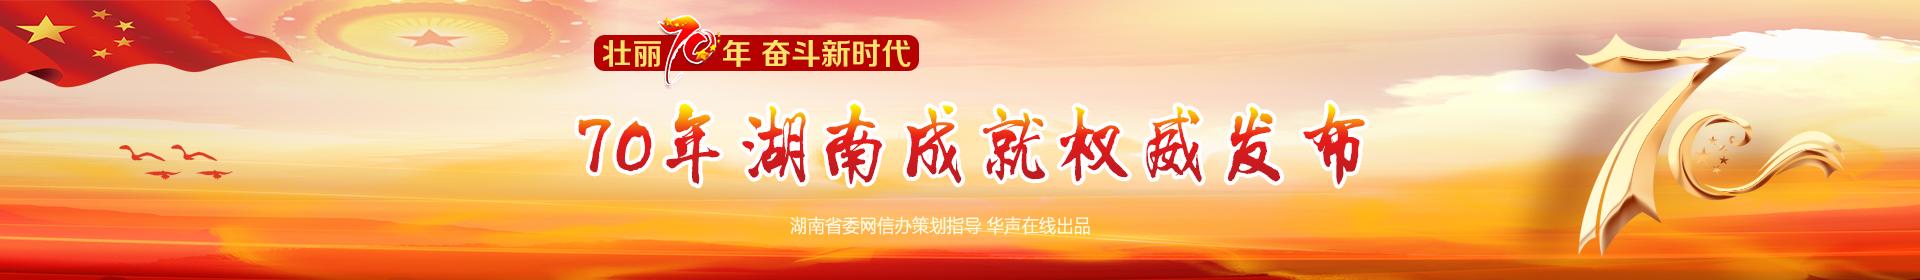 壮丽70年·奋斗新时代——70年湖南成就权威发布